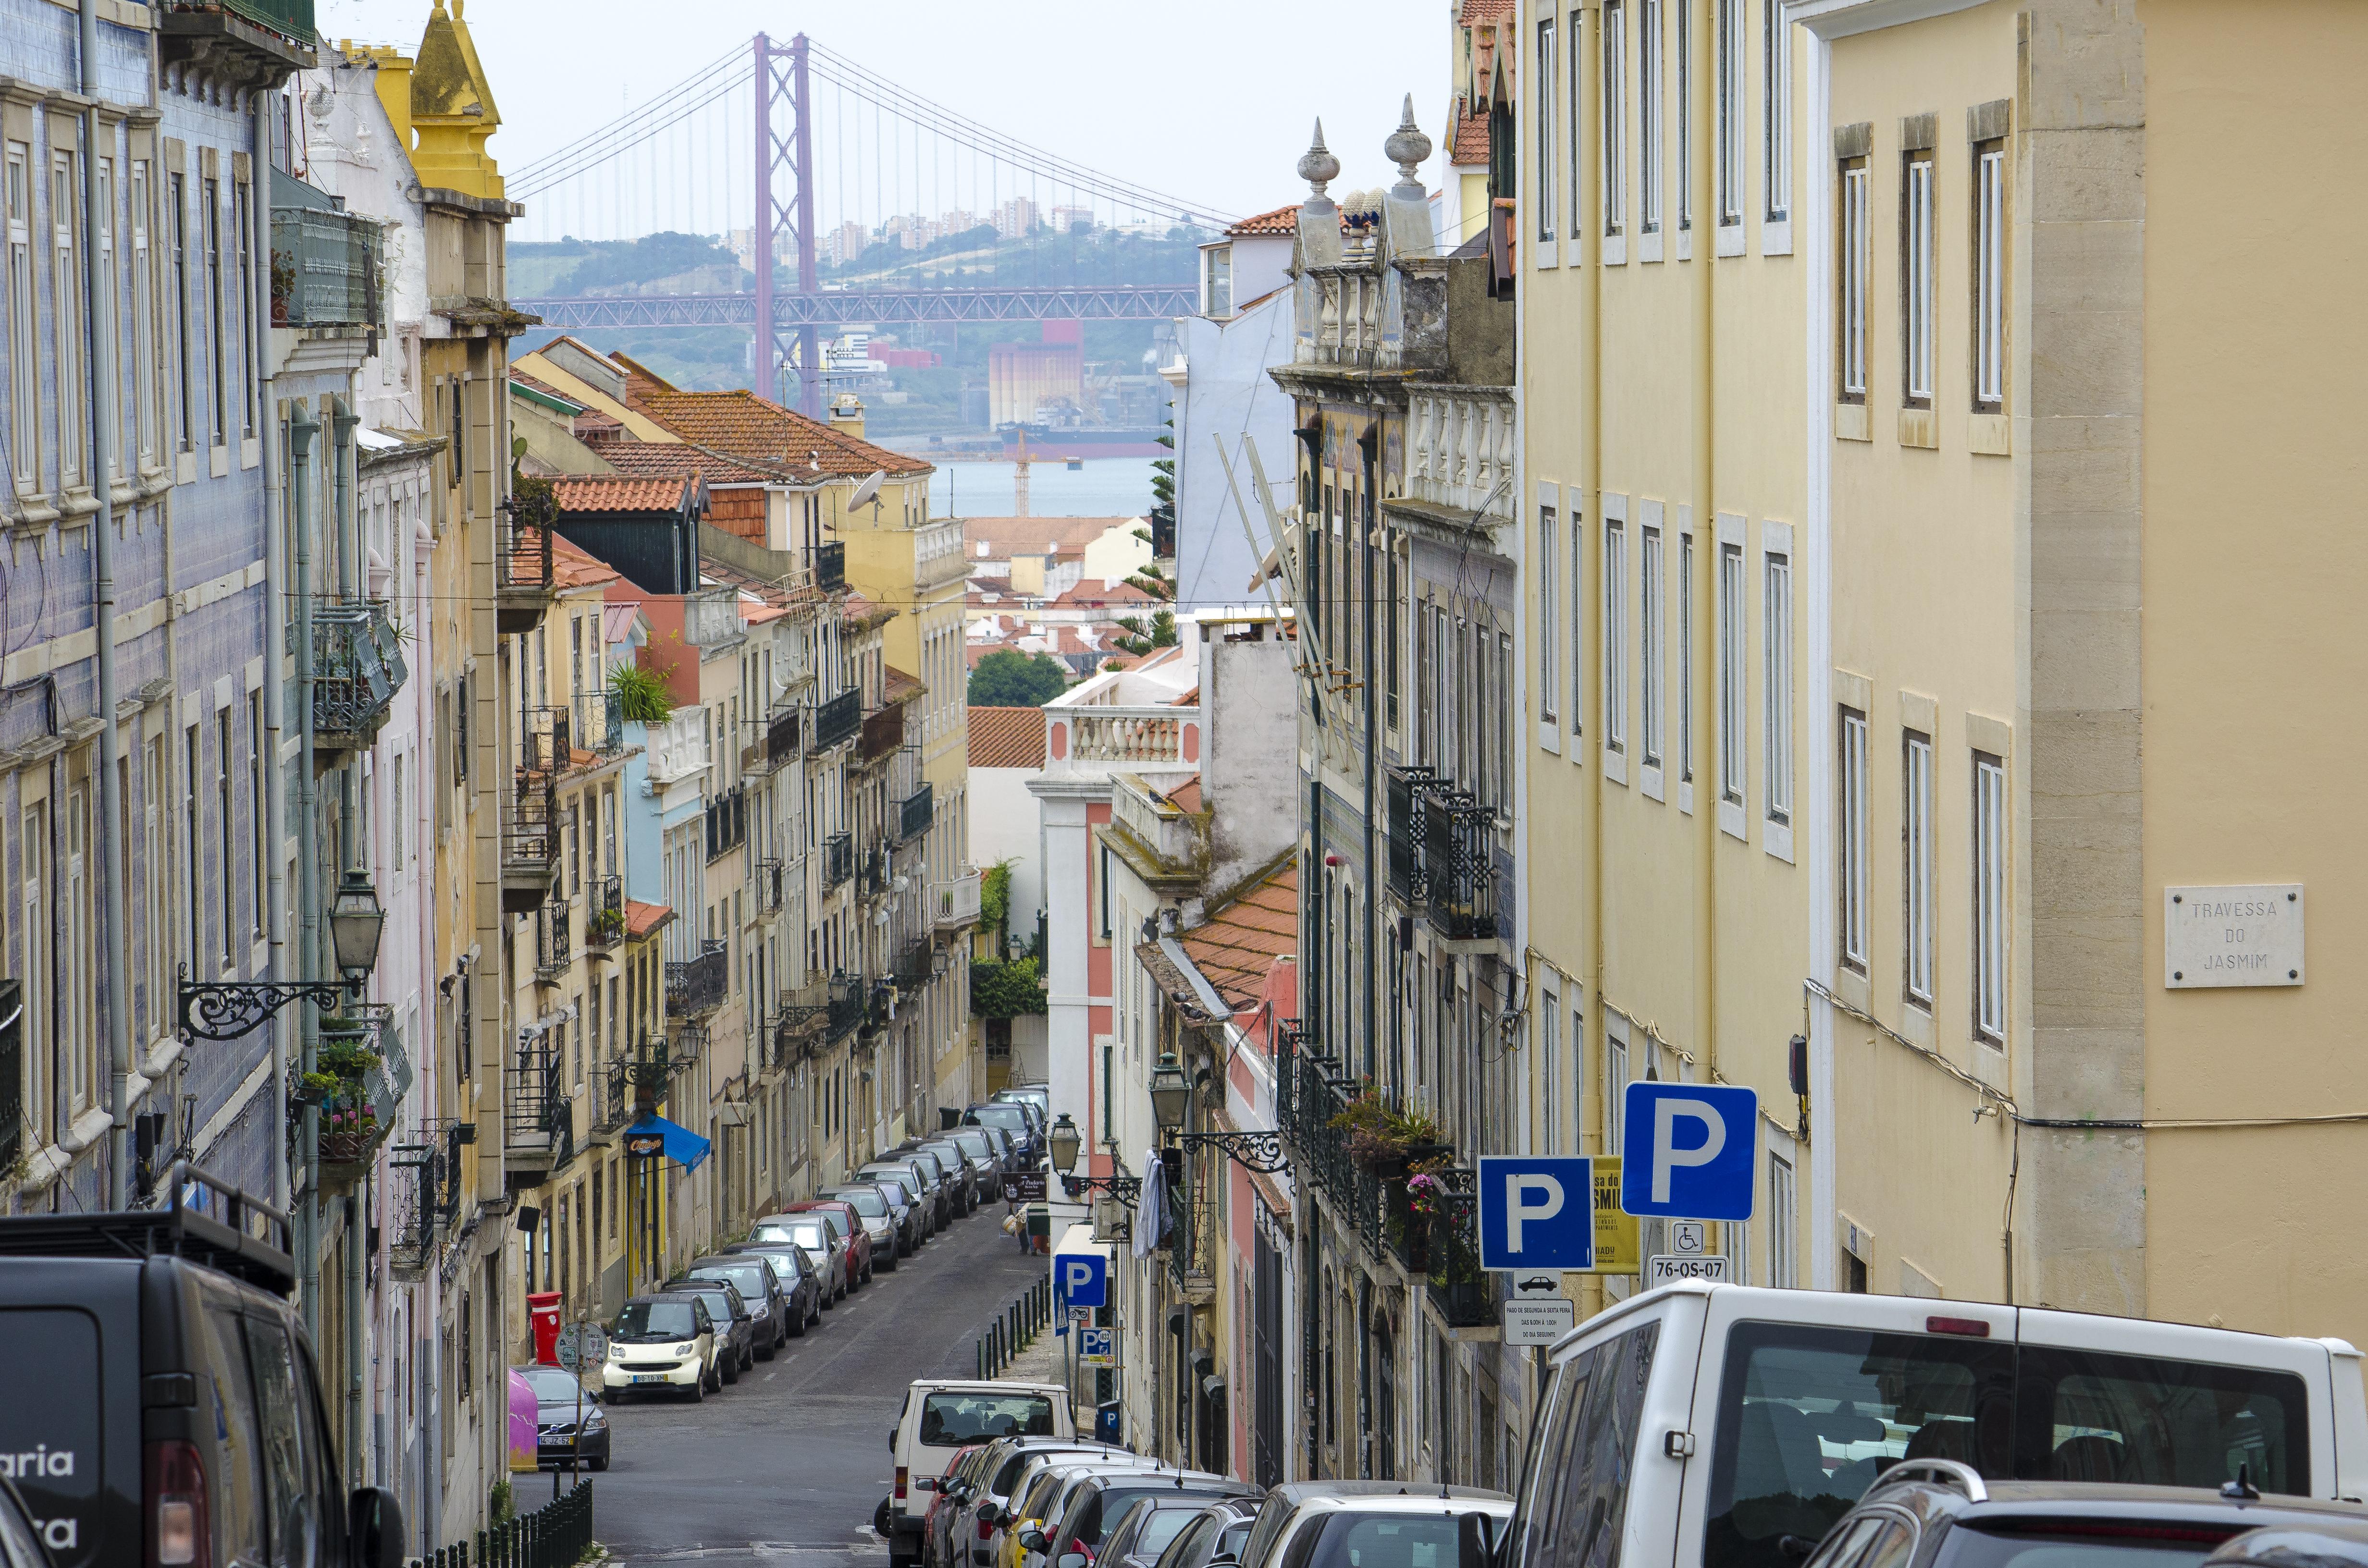 LisbonStreetPhotography